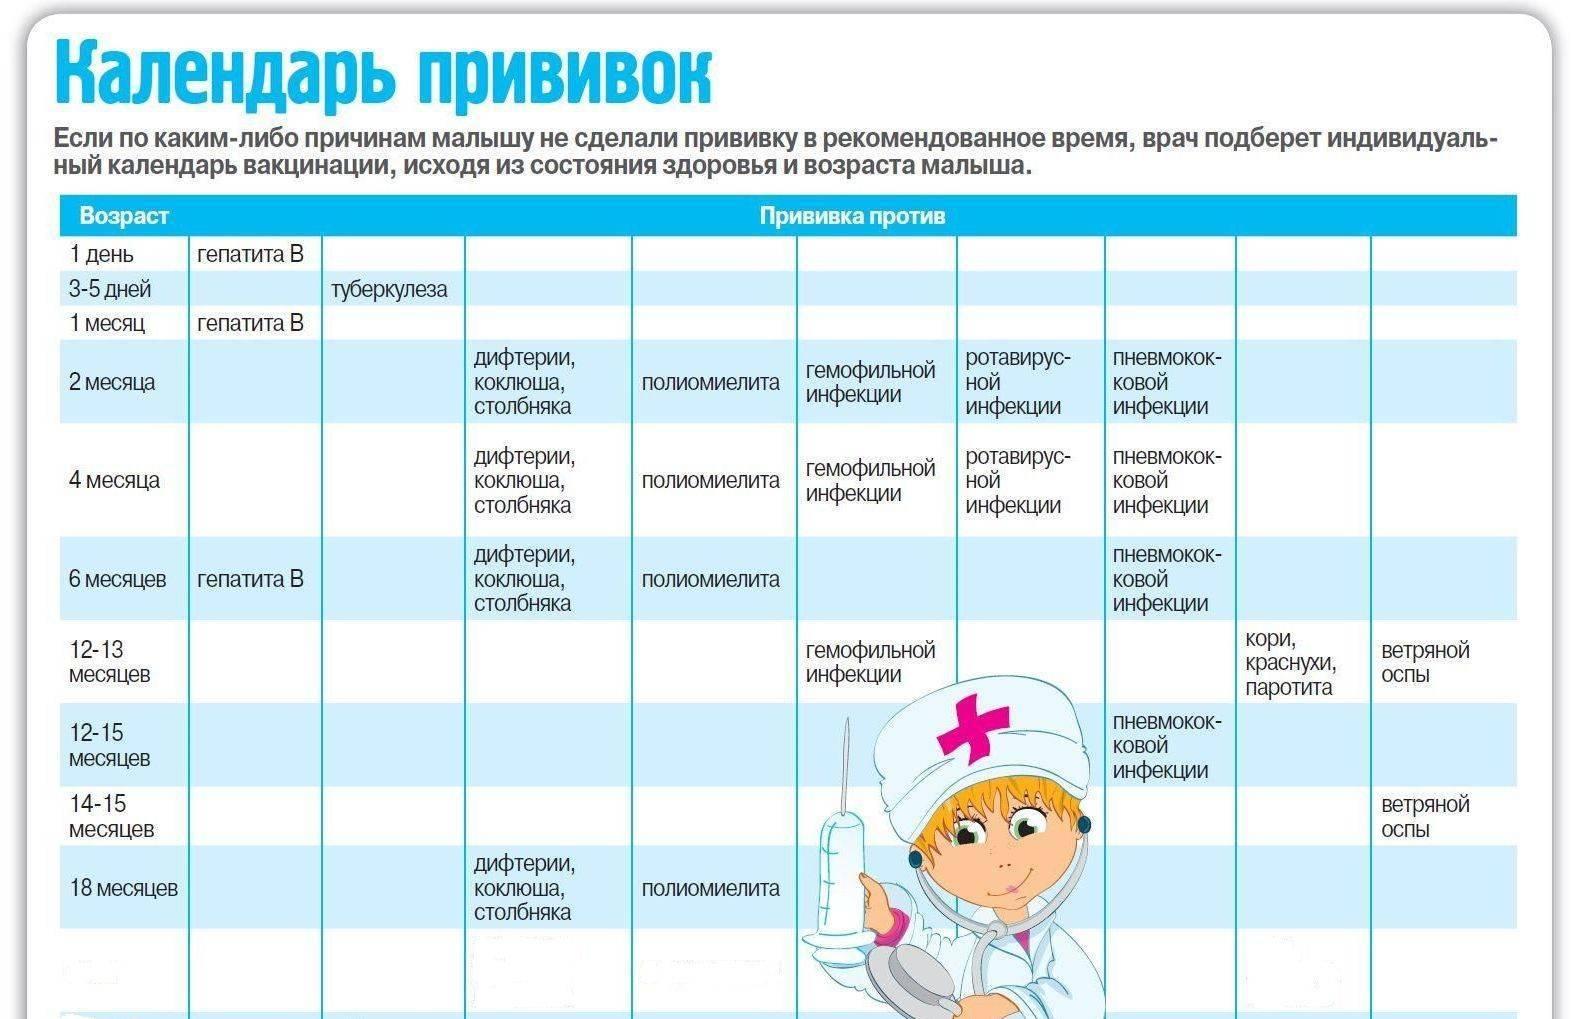 Календарь прививок для детей 2018 в россии (таблица)